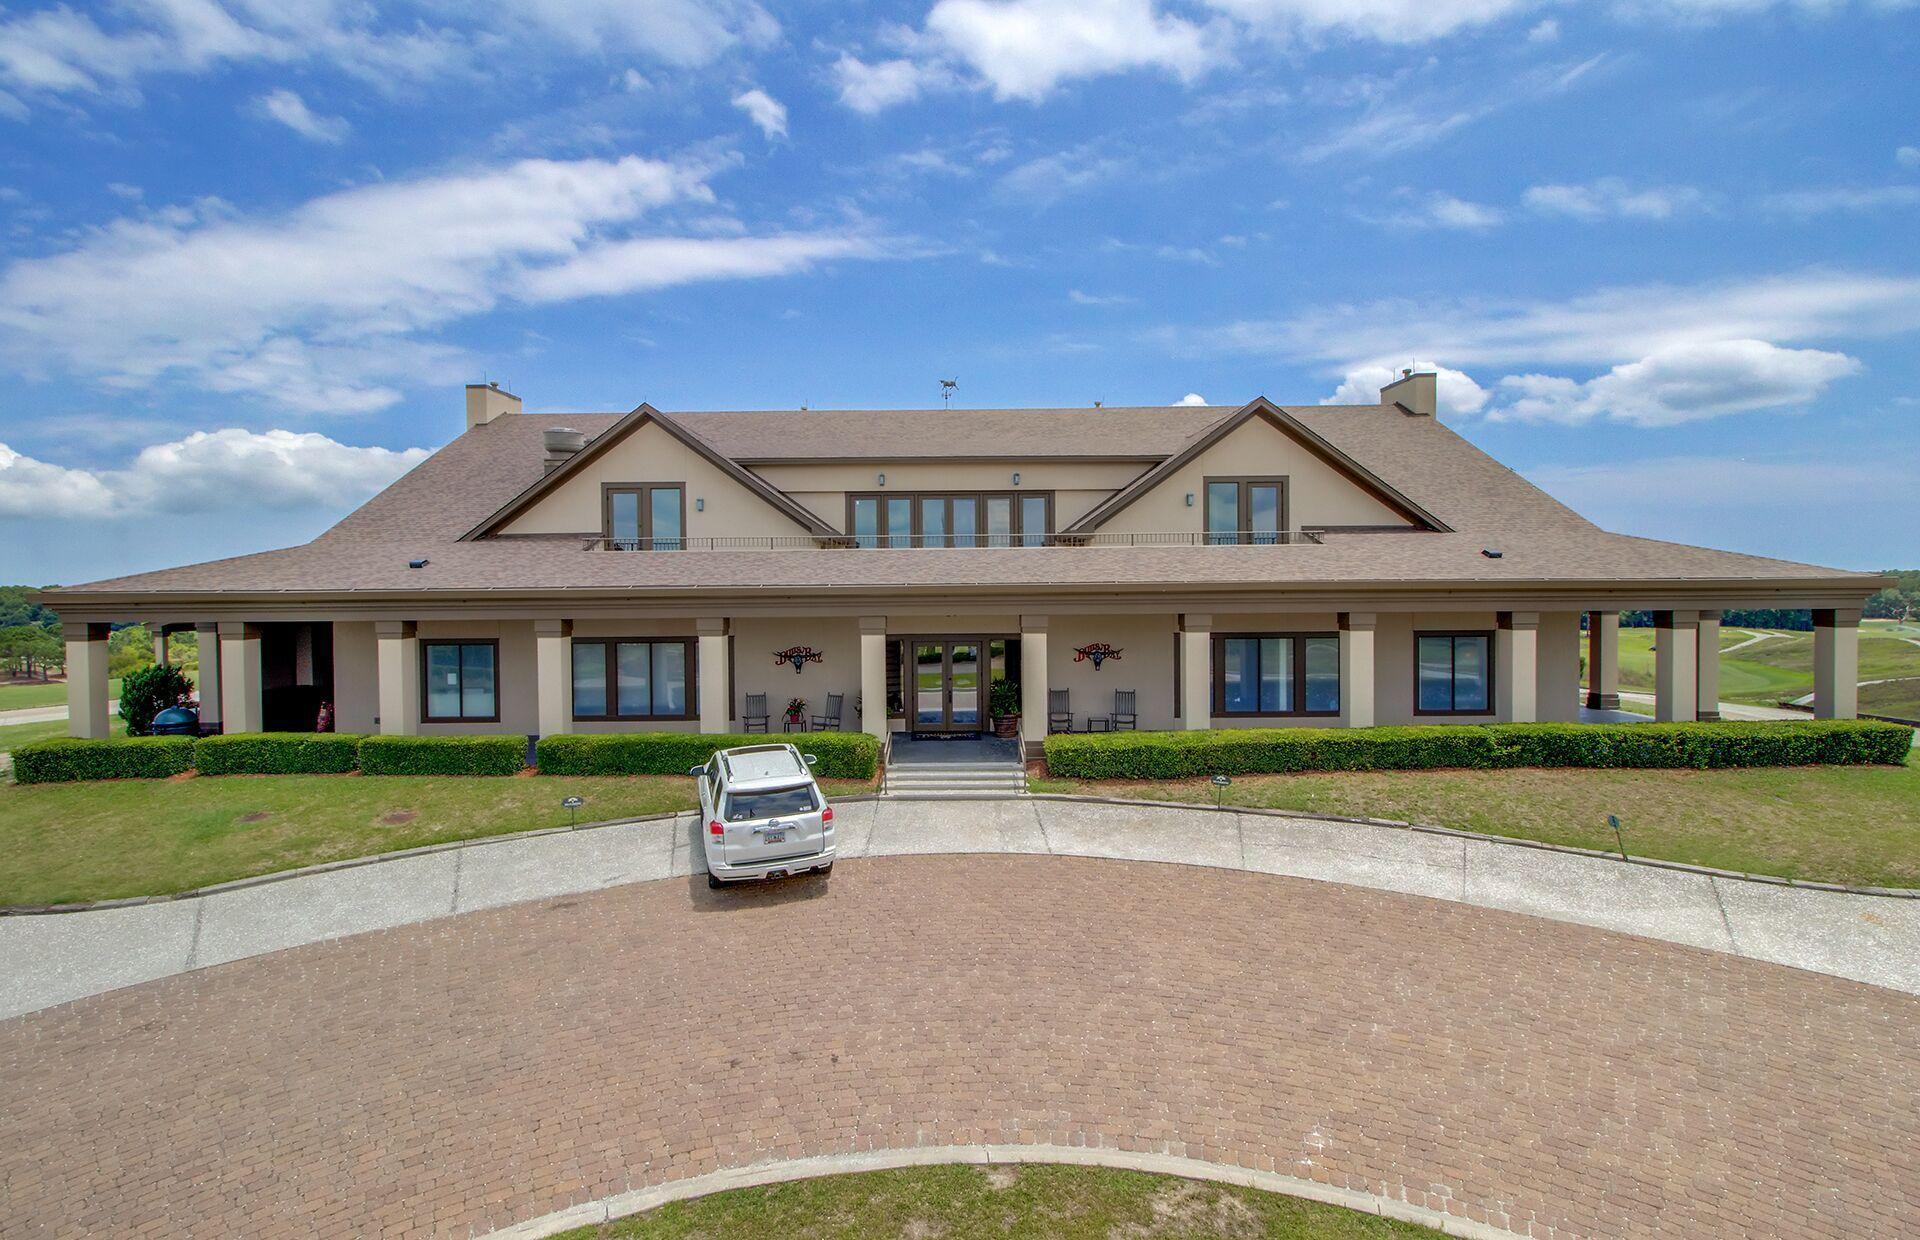 4267 True Blue Court Mount Pleasant, Sc 29429